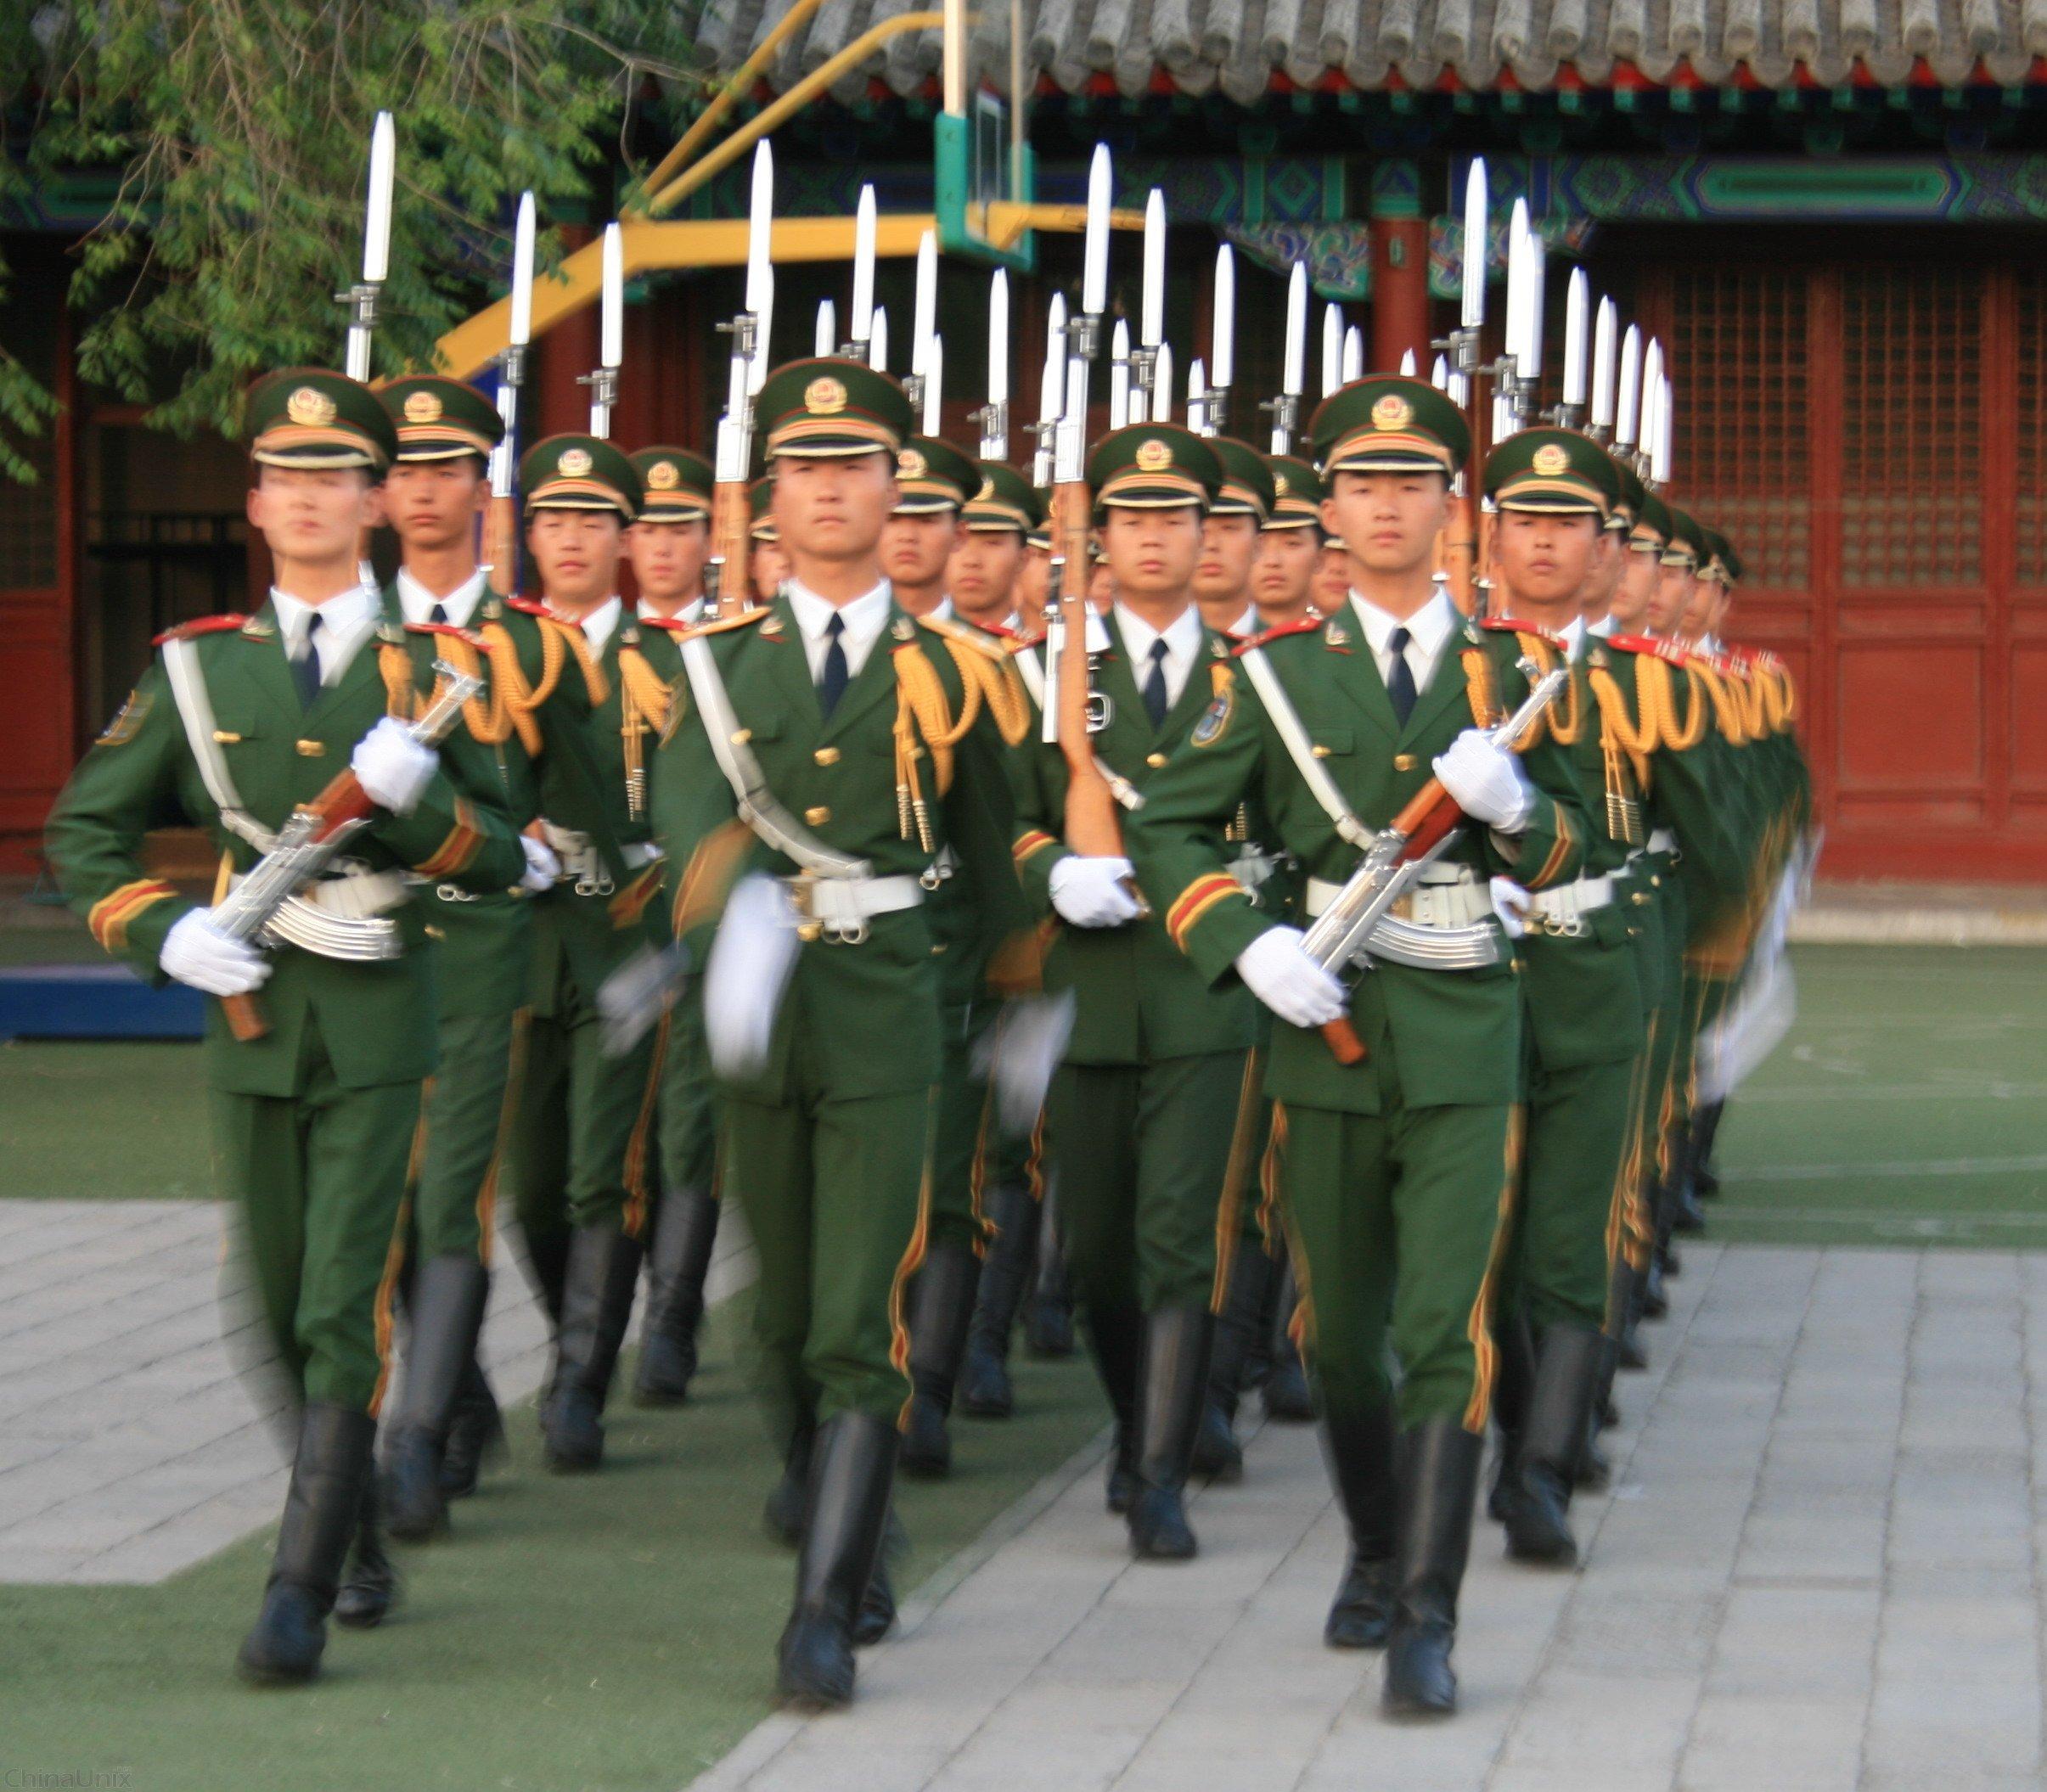 国旗护卫队 快乐数码摄影 高清图片